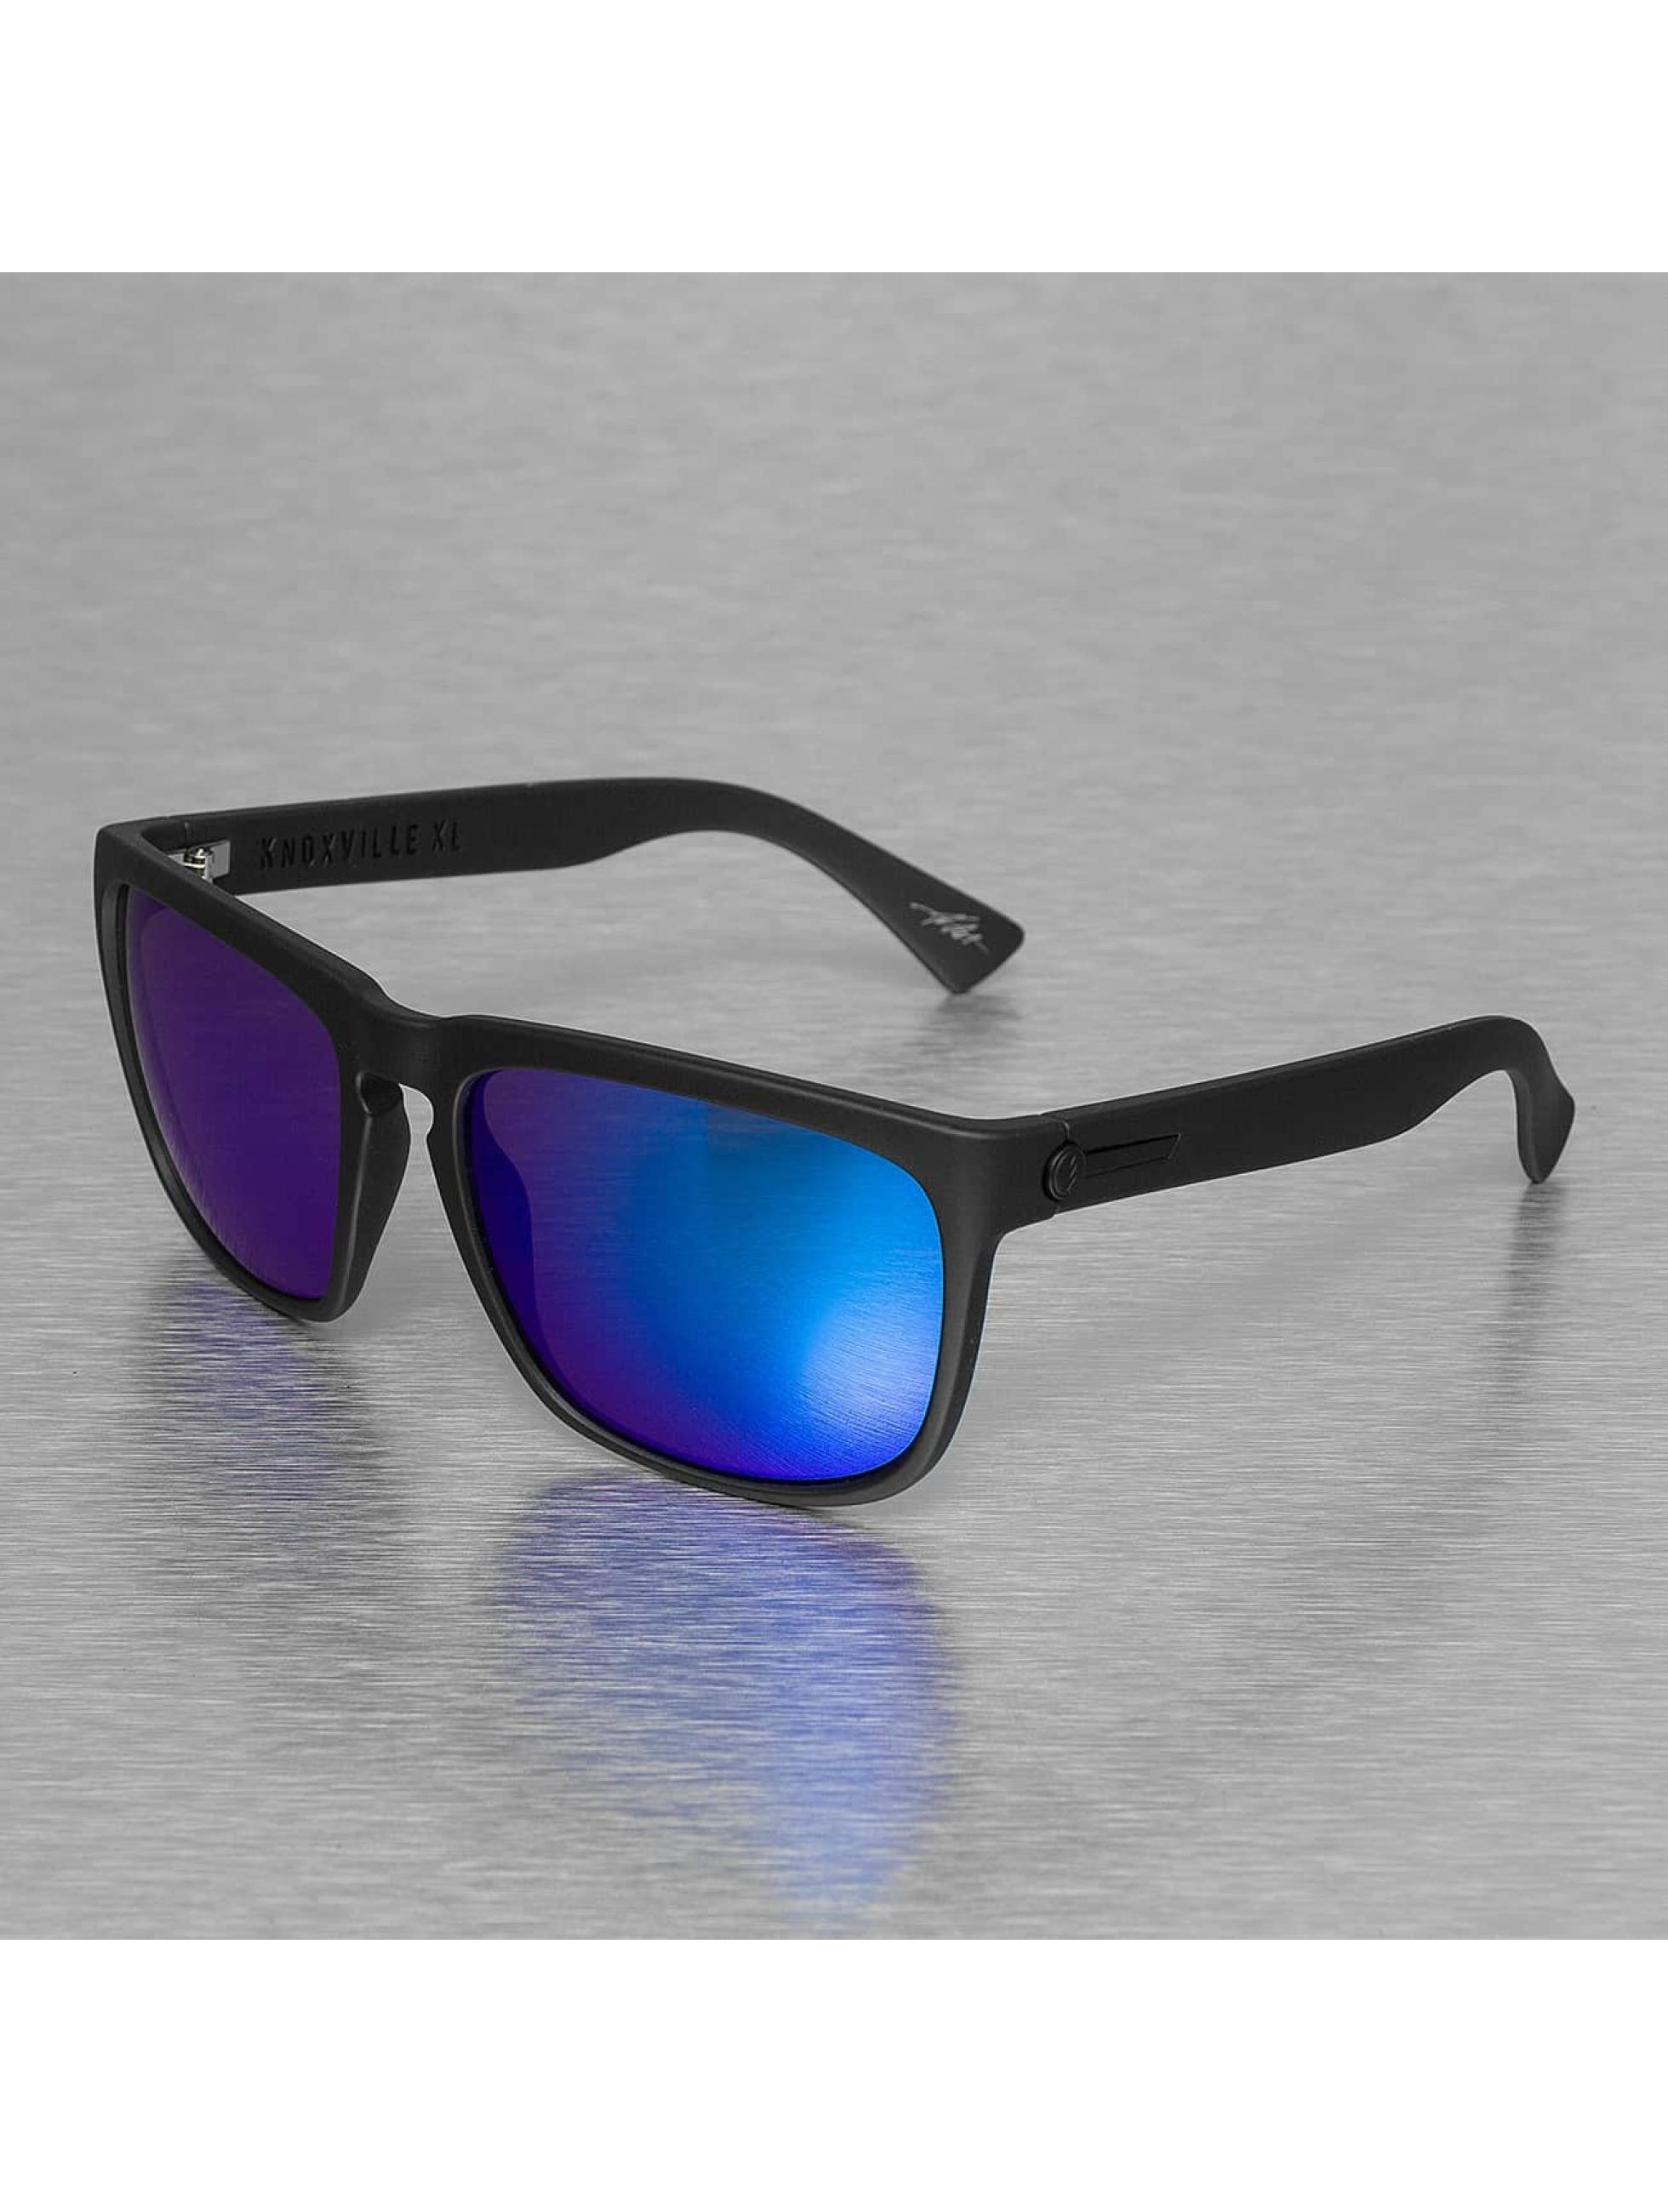 Electric Accessoires / Lunettes de soleil KNOXVILLE XL en noir